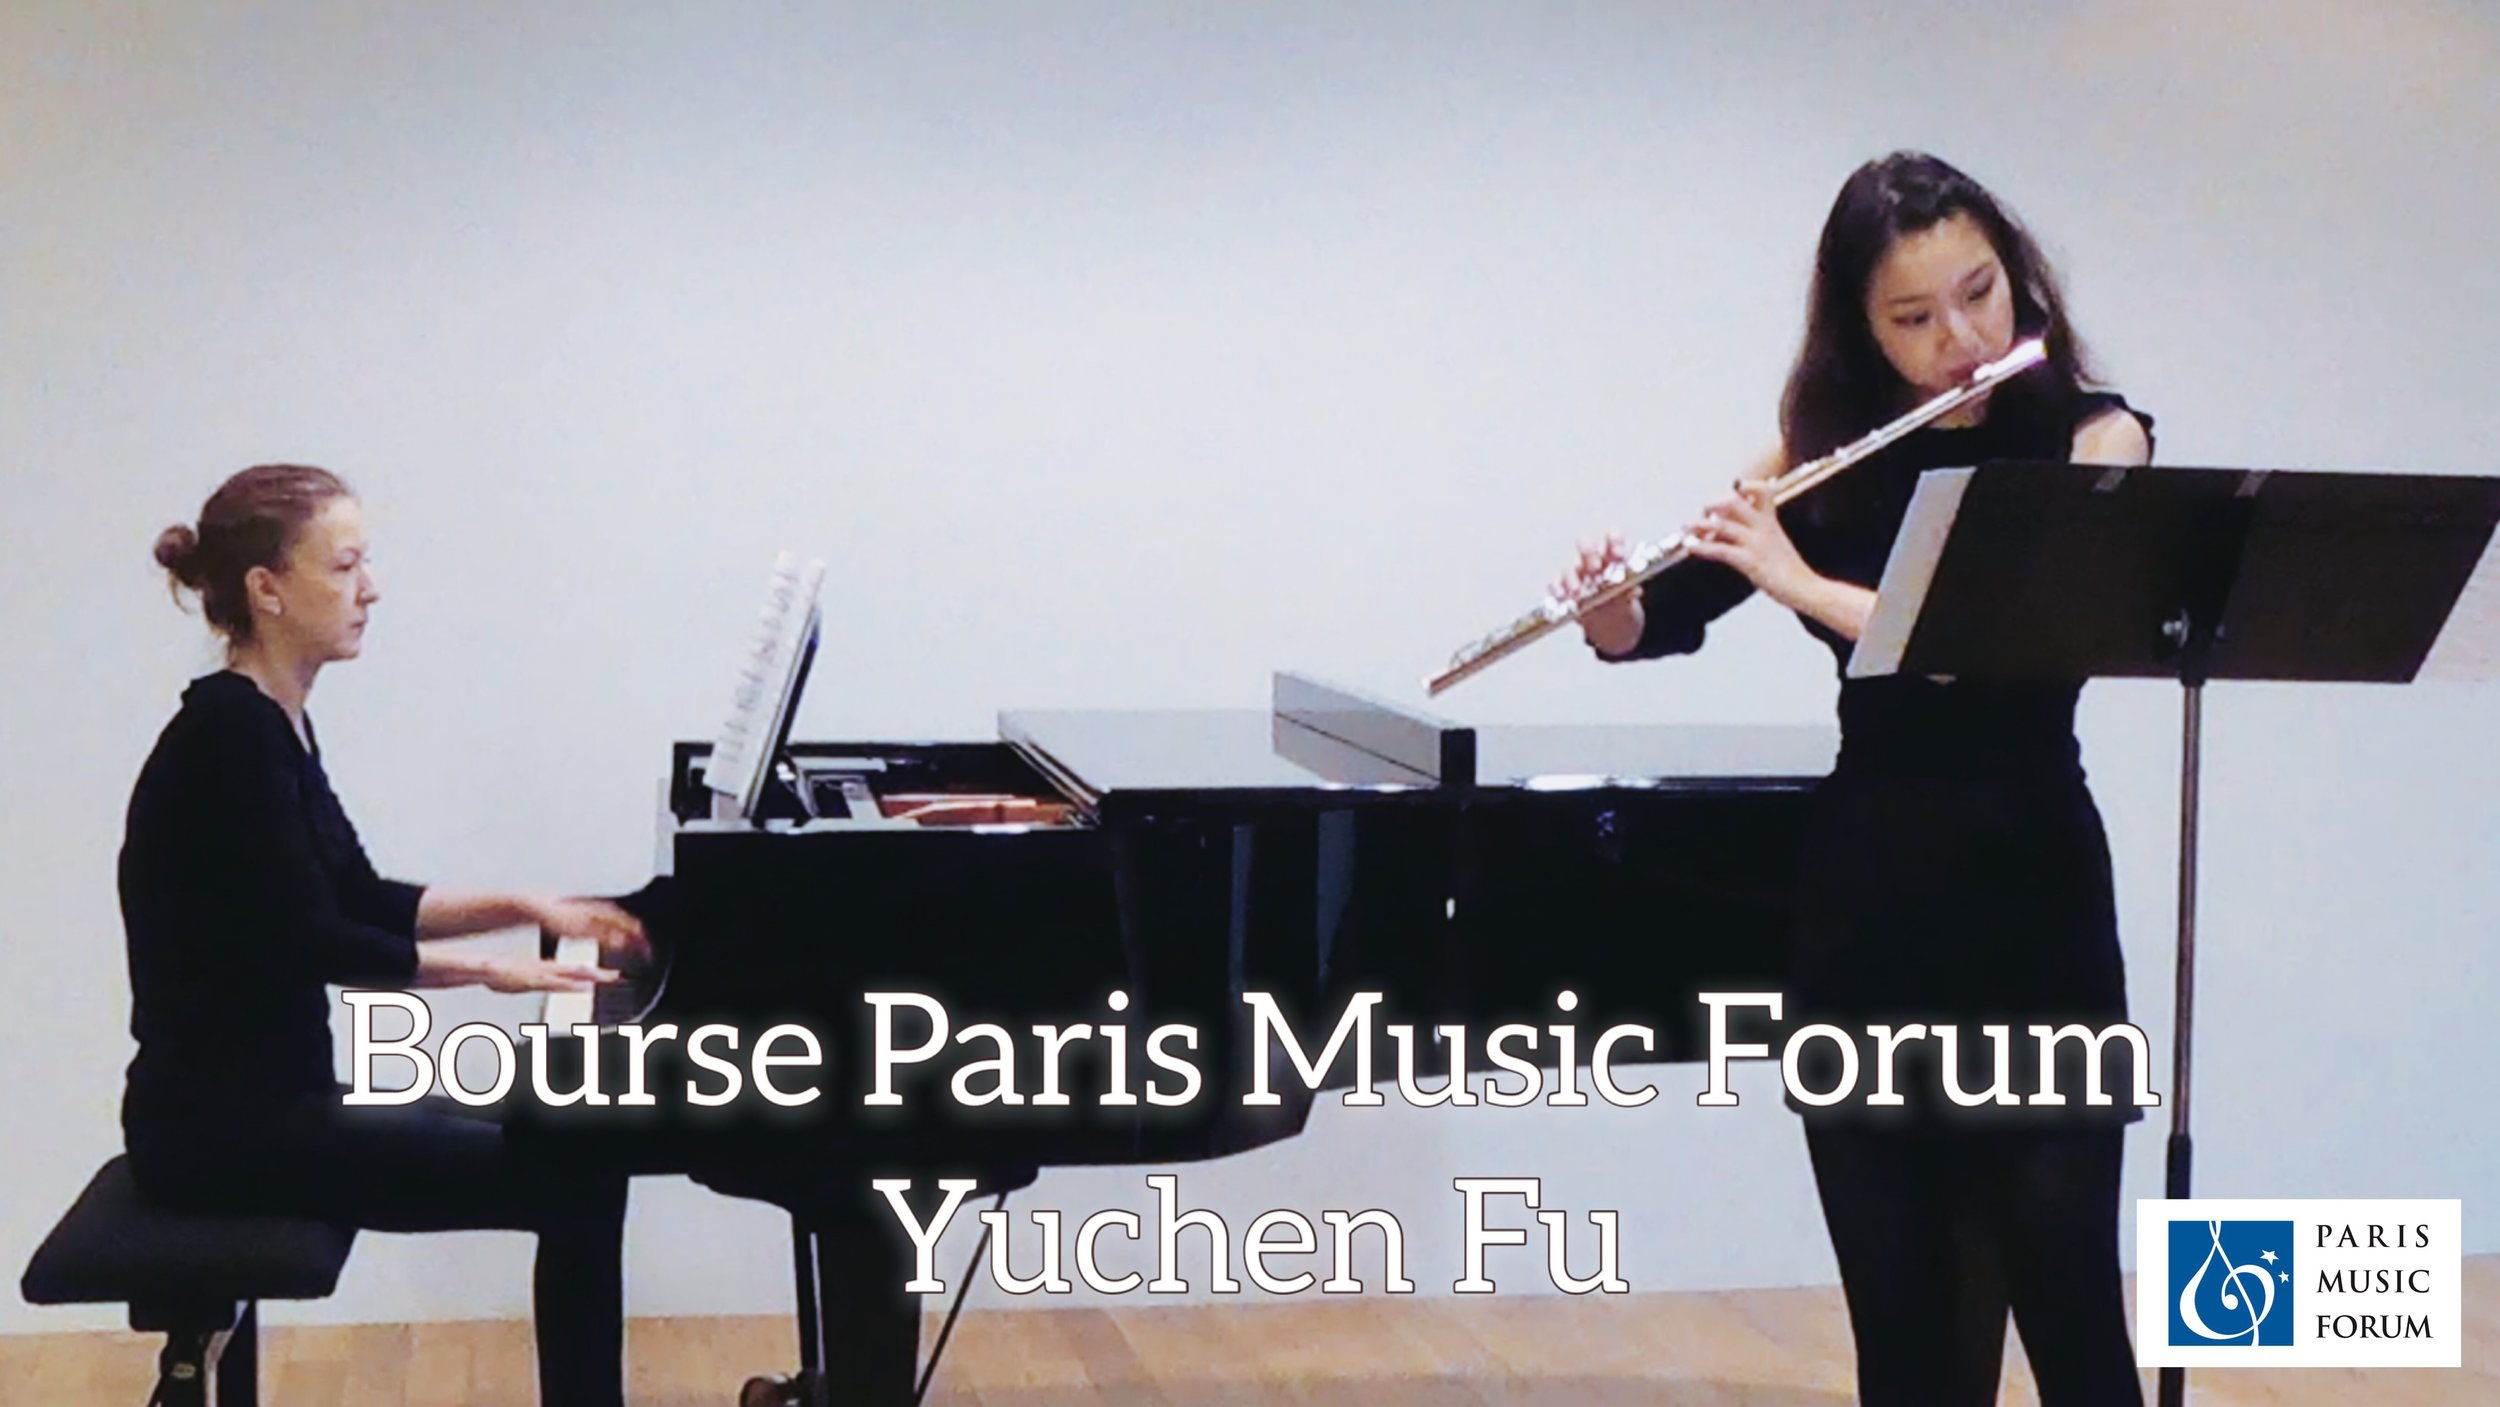 Bourse Paris Music Forum   Yuchen F U   Diplôme avec une Bourse* sous forme d'avoir-remboursement des frais d'hôtel dans la limite de 200 euros (voir ci-dessous pour les détails de la récompense)